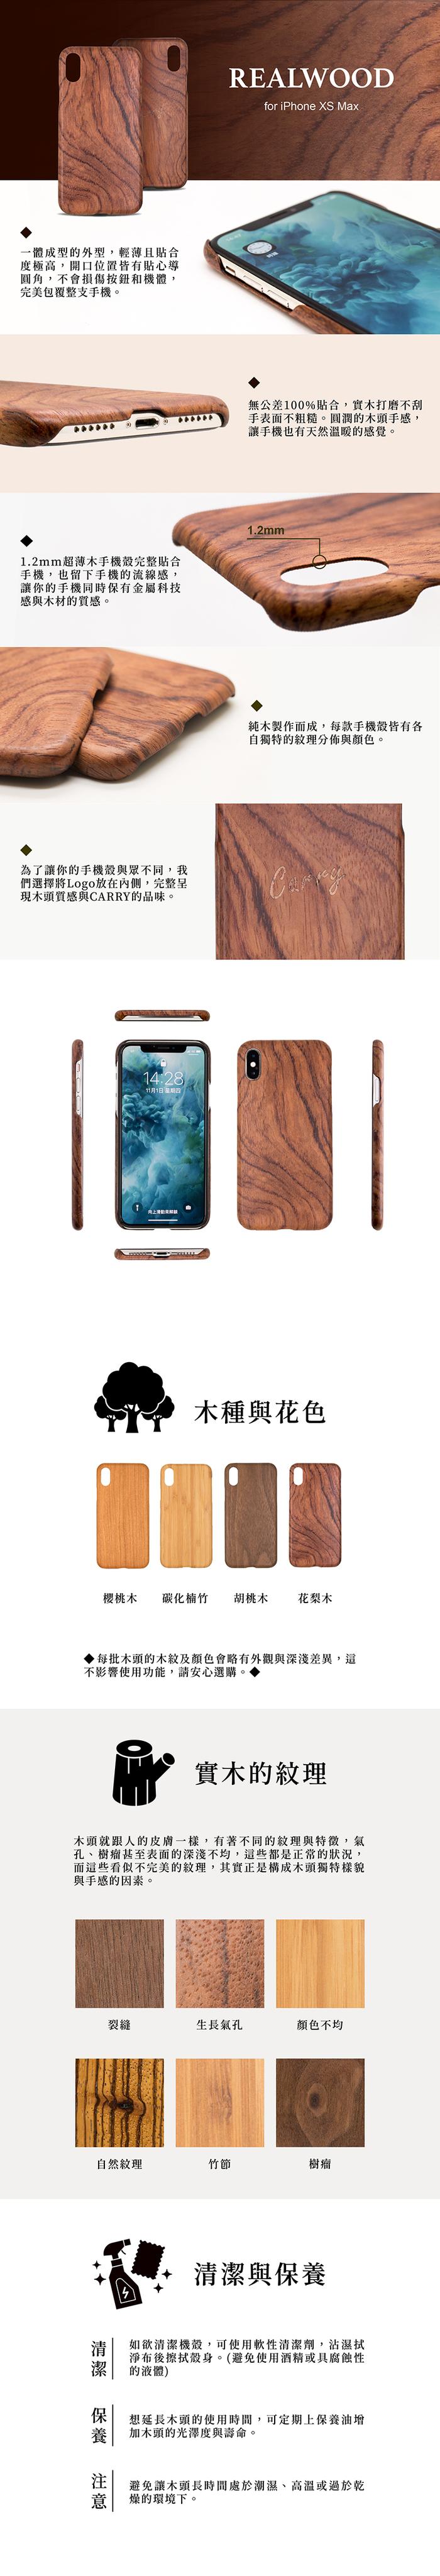 (複製)Carry|RealWood 純木手機殼 – 花梨木 ( for iPhone XR )